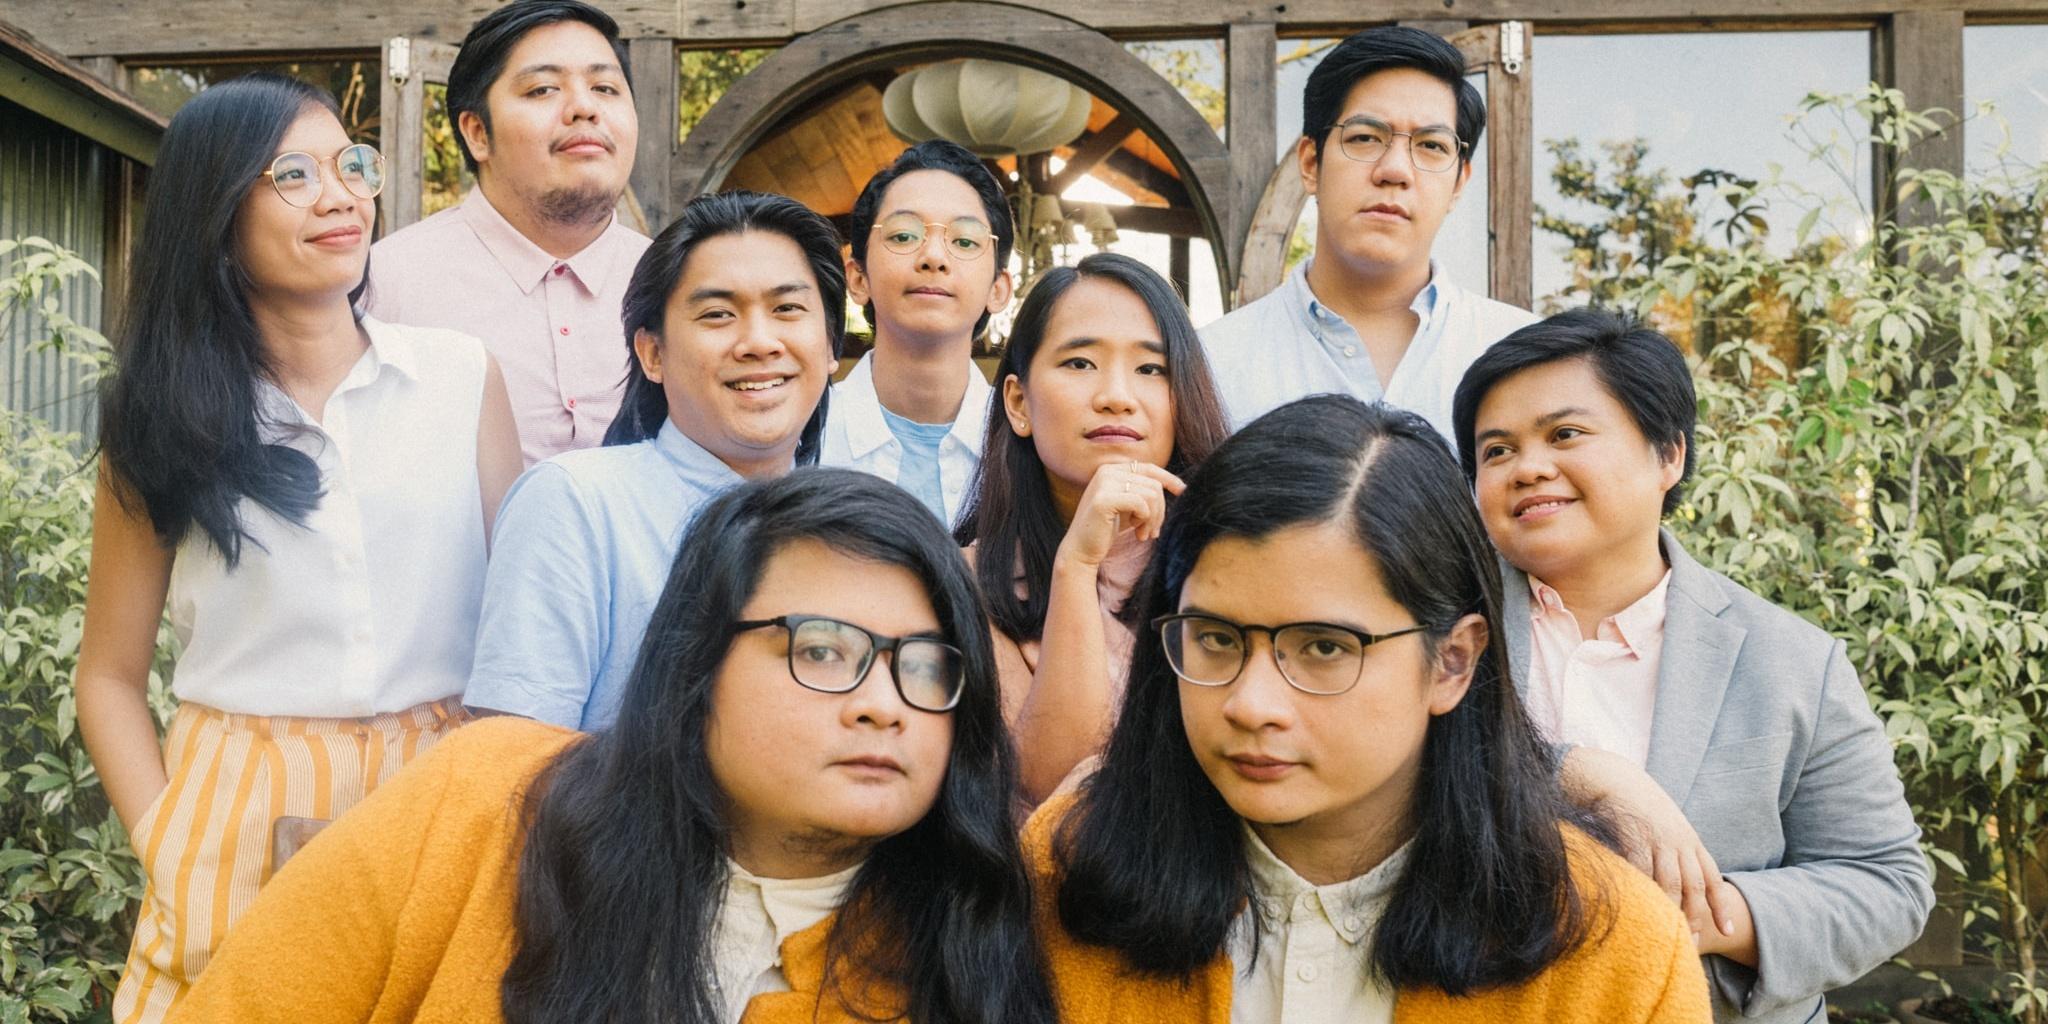 Ben&Ben share fresh single 'Masyado Pang Maaga' – listen